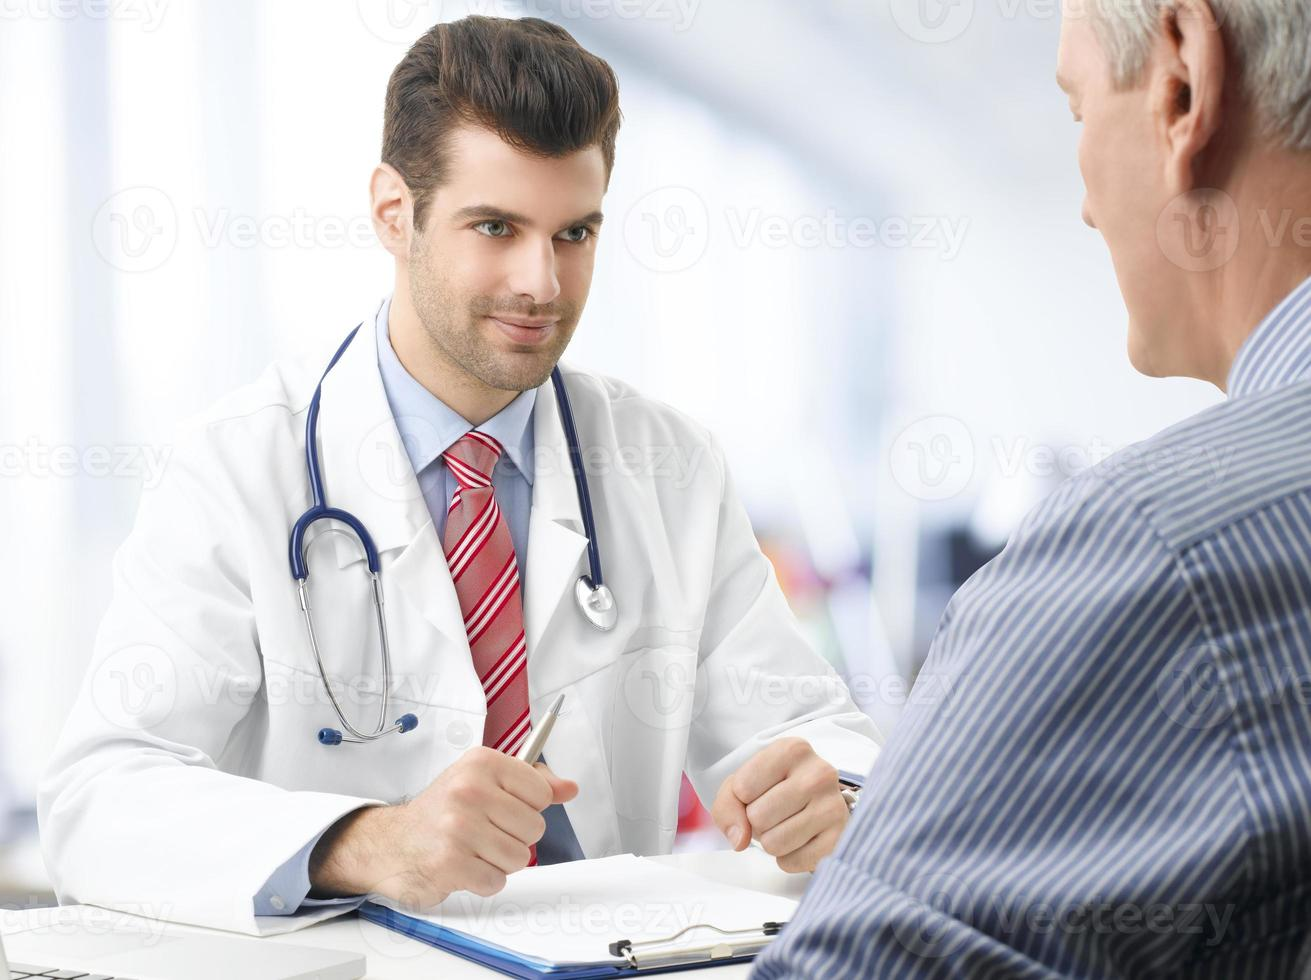 männlicher Arzt foto